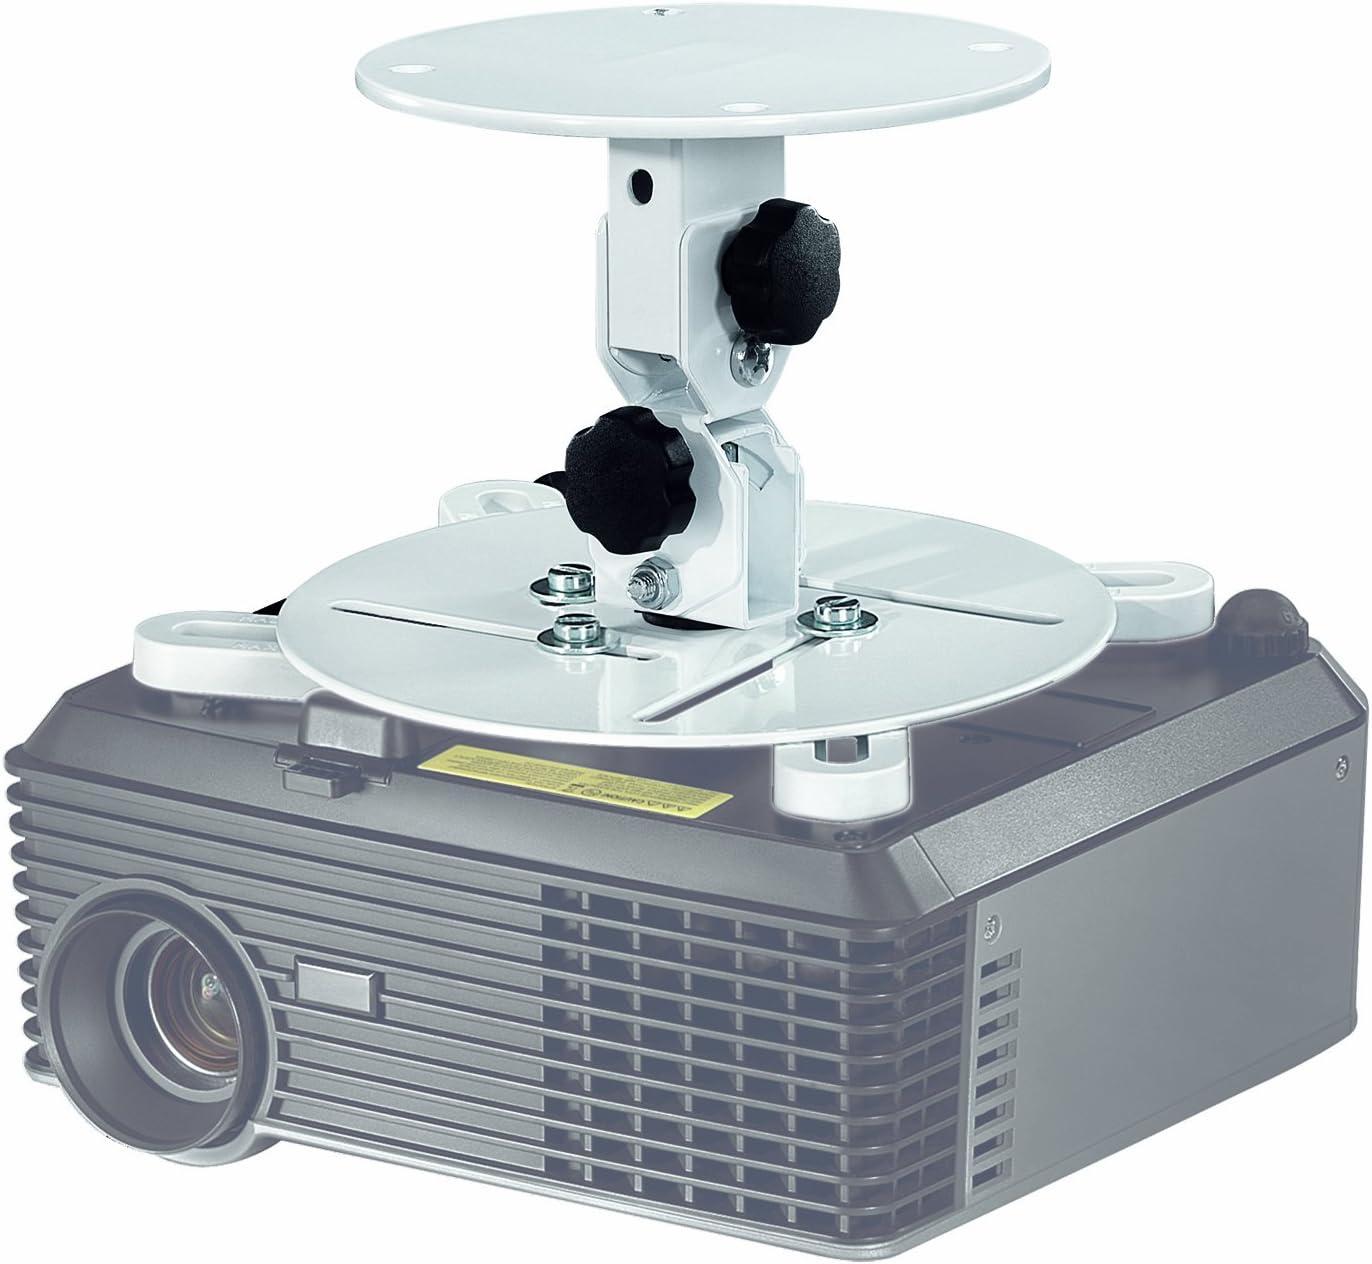 Hama 108767 - Soporte Universal para proyector: Amazon.es: Electrónica